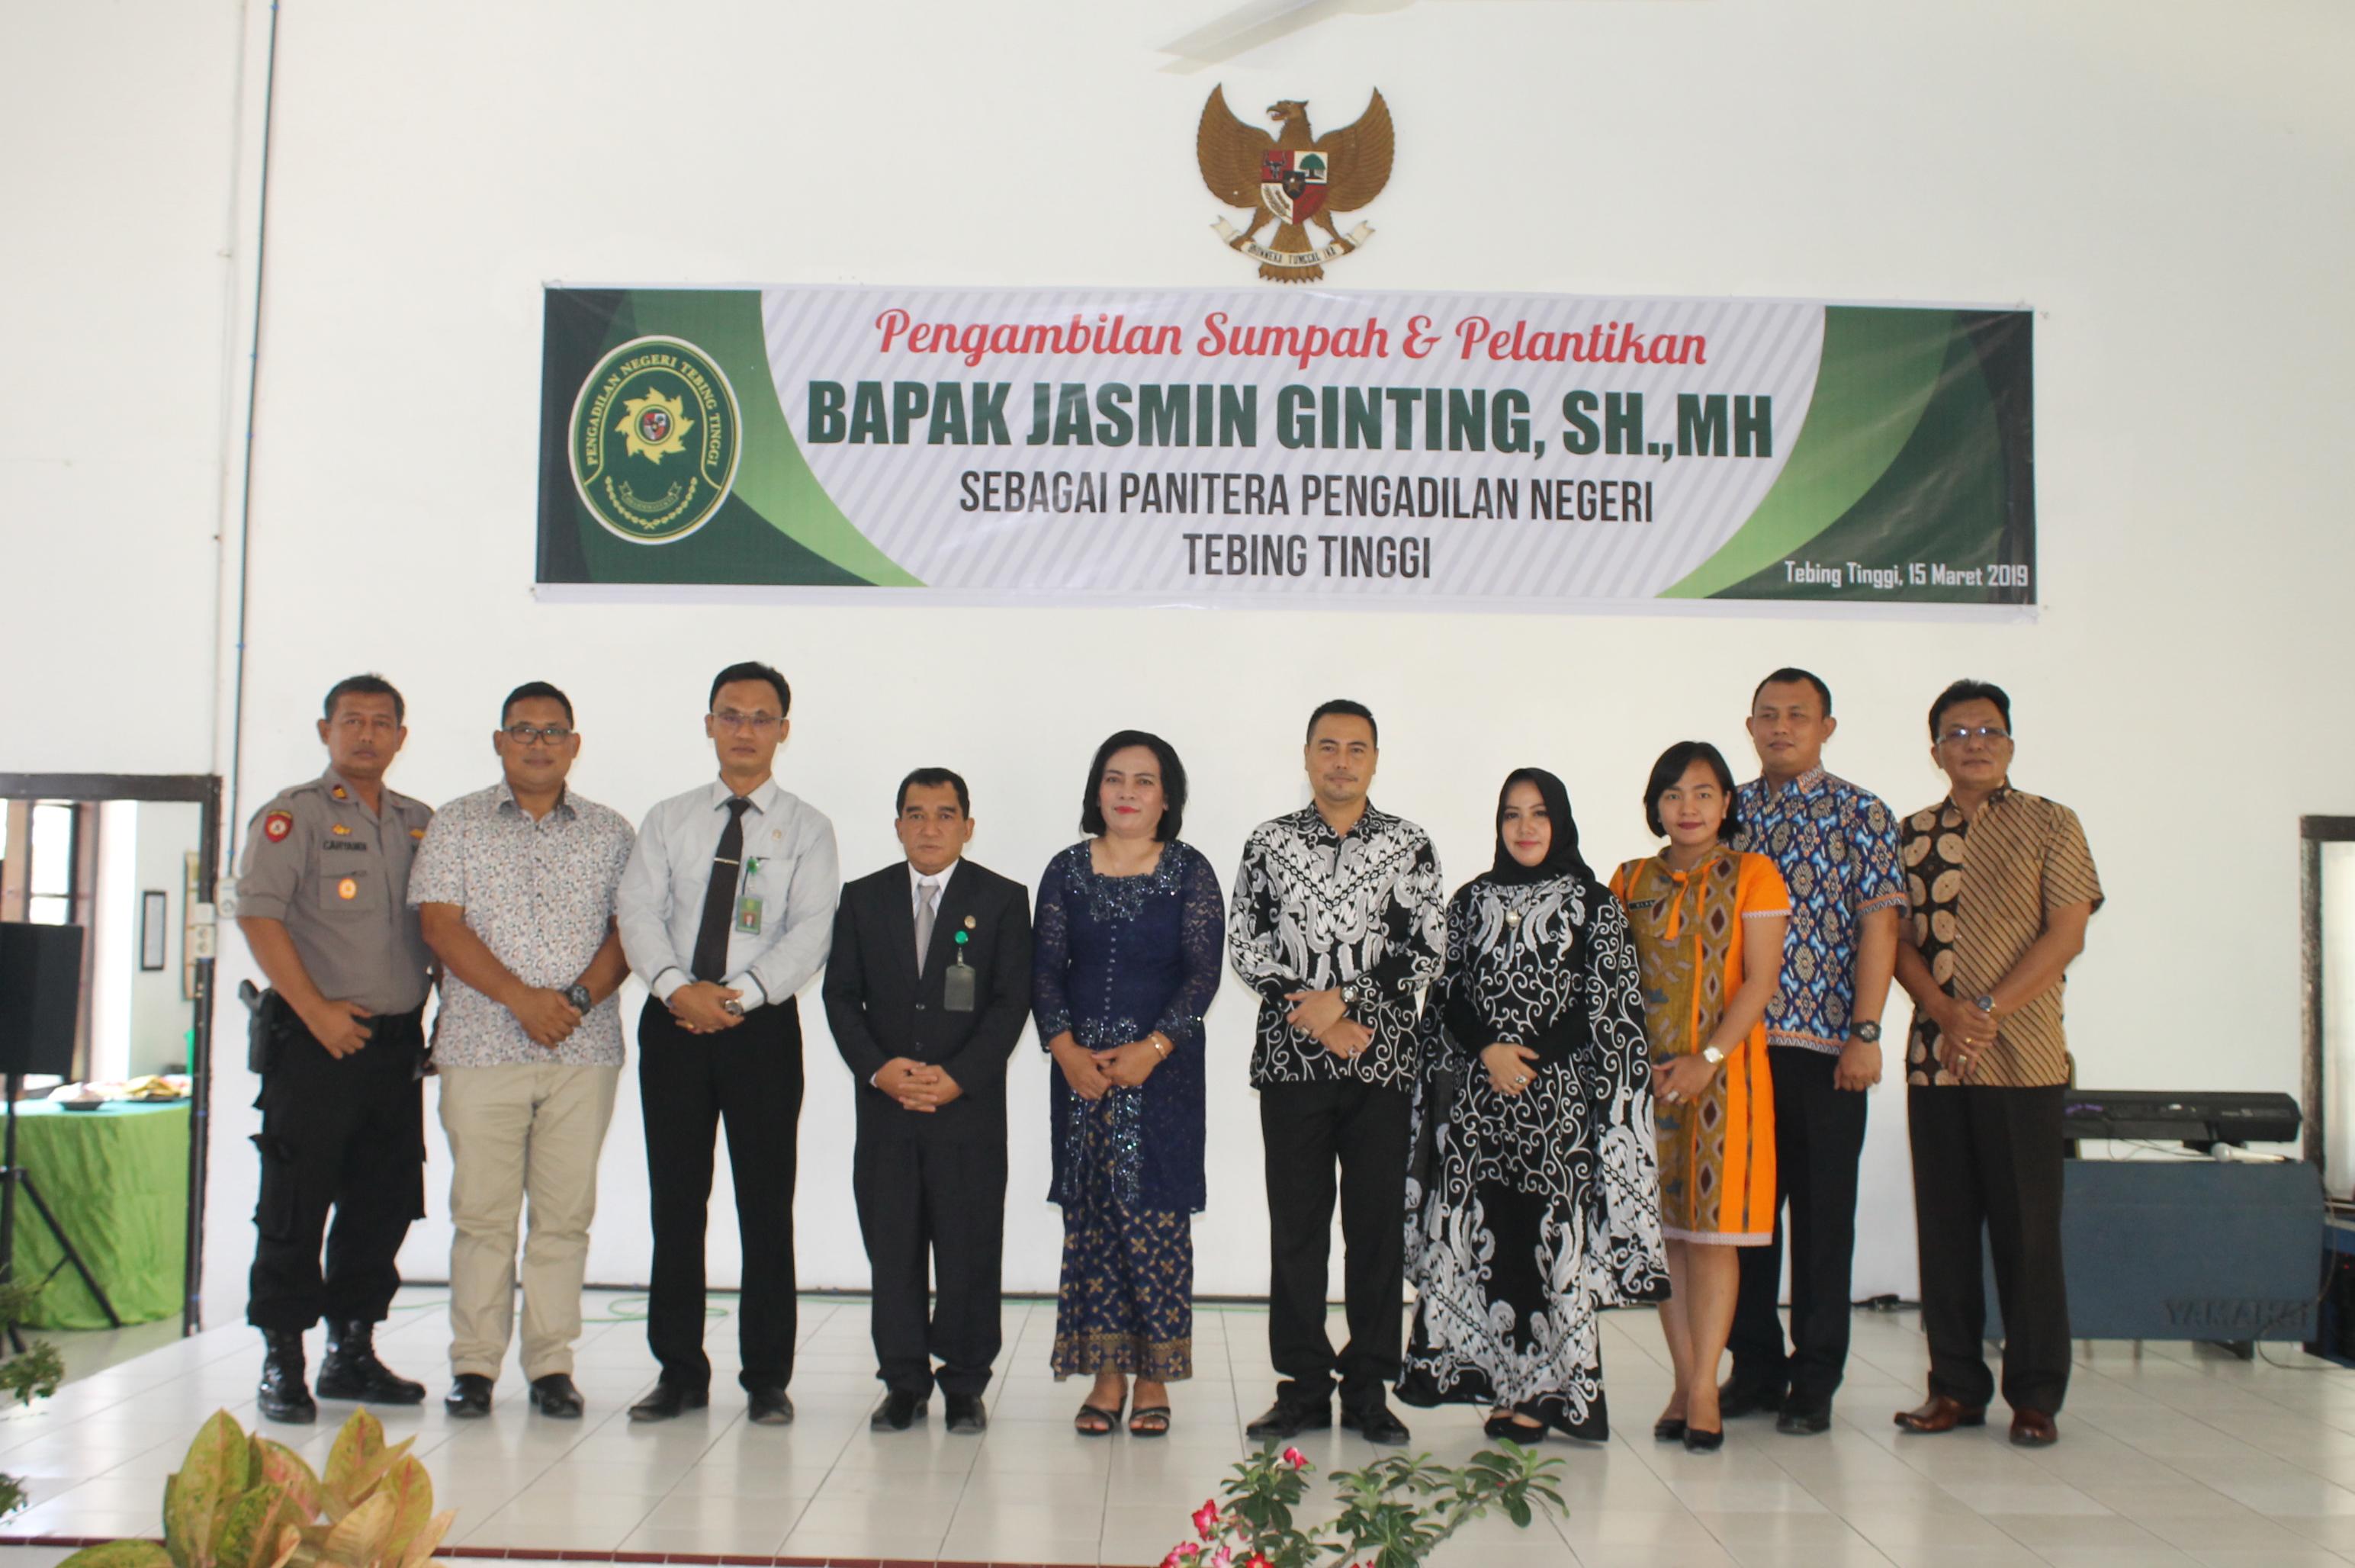 Pengambilan Sumpah dan Pelantikan Panitera Pengadilan Negeri Tebing Tinggi